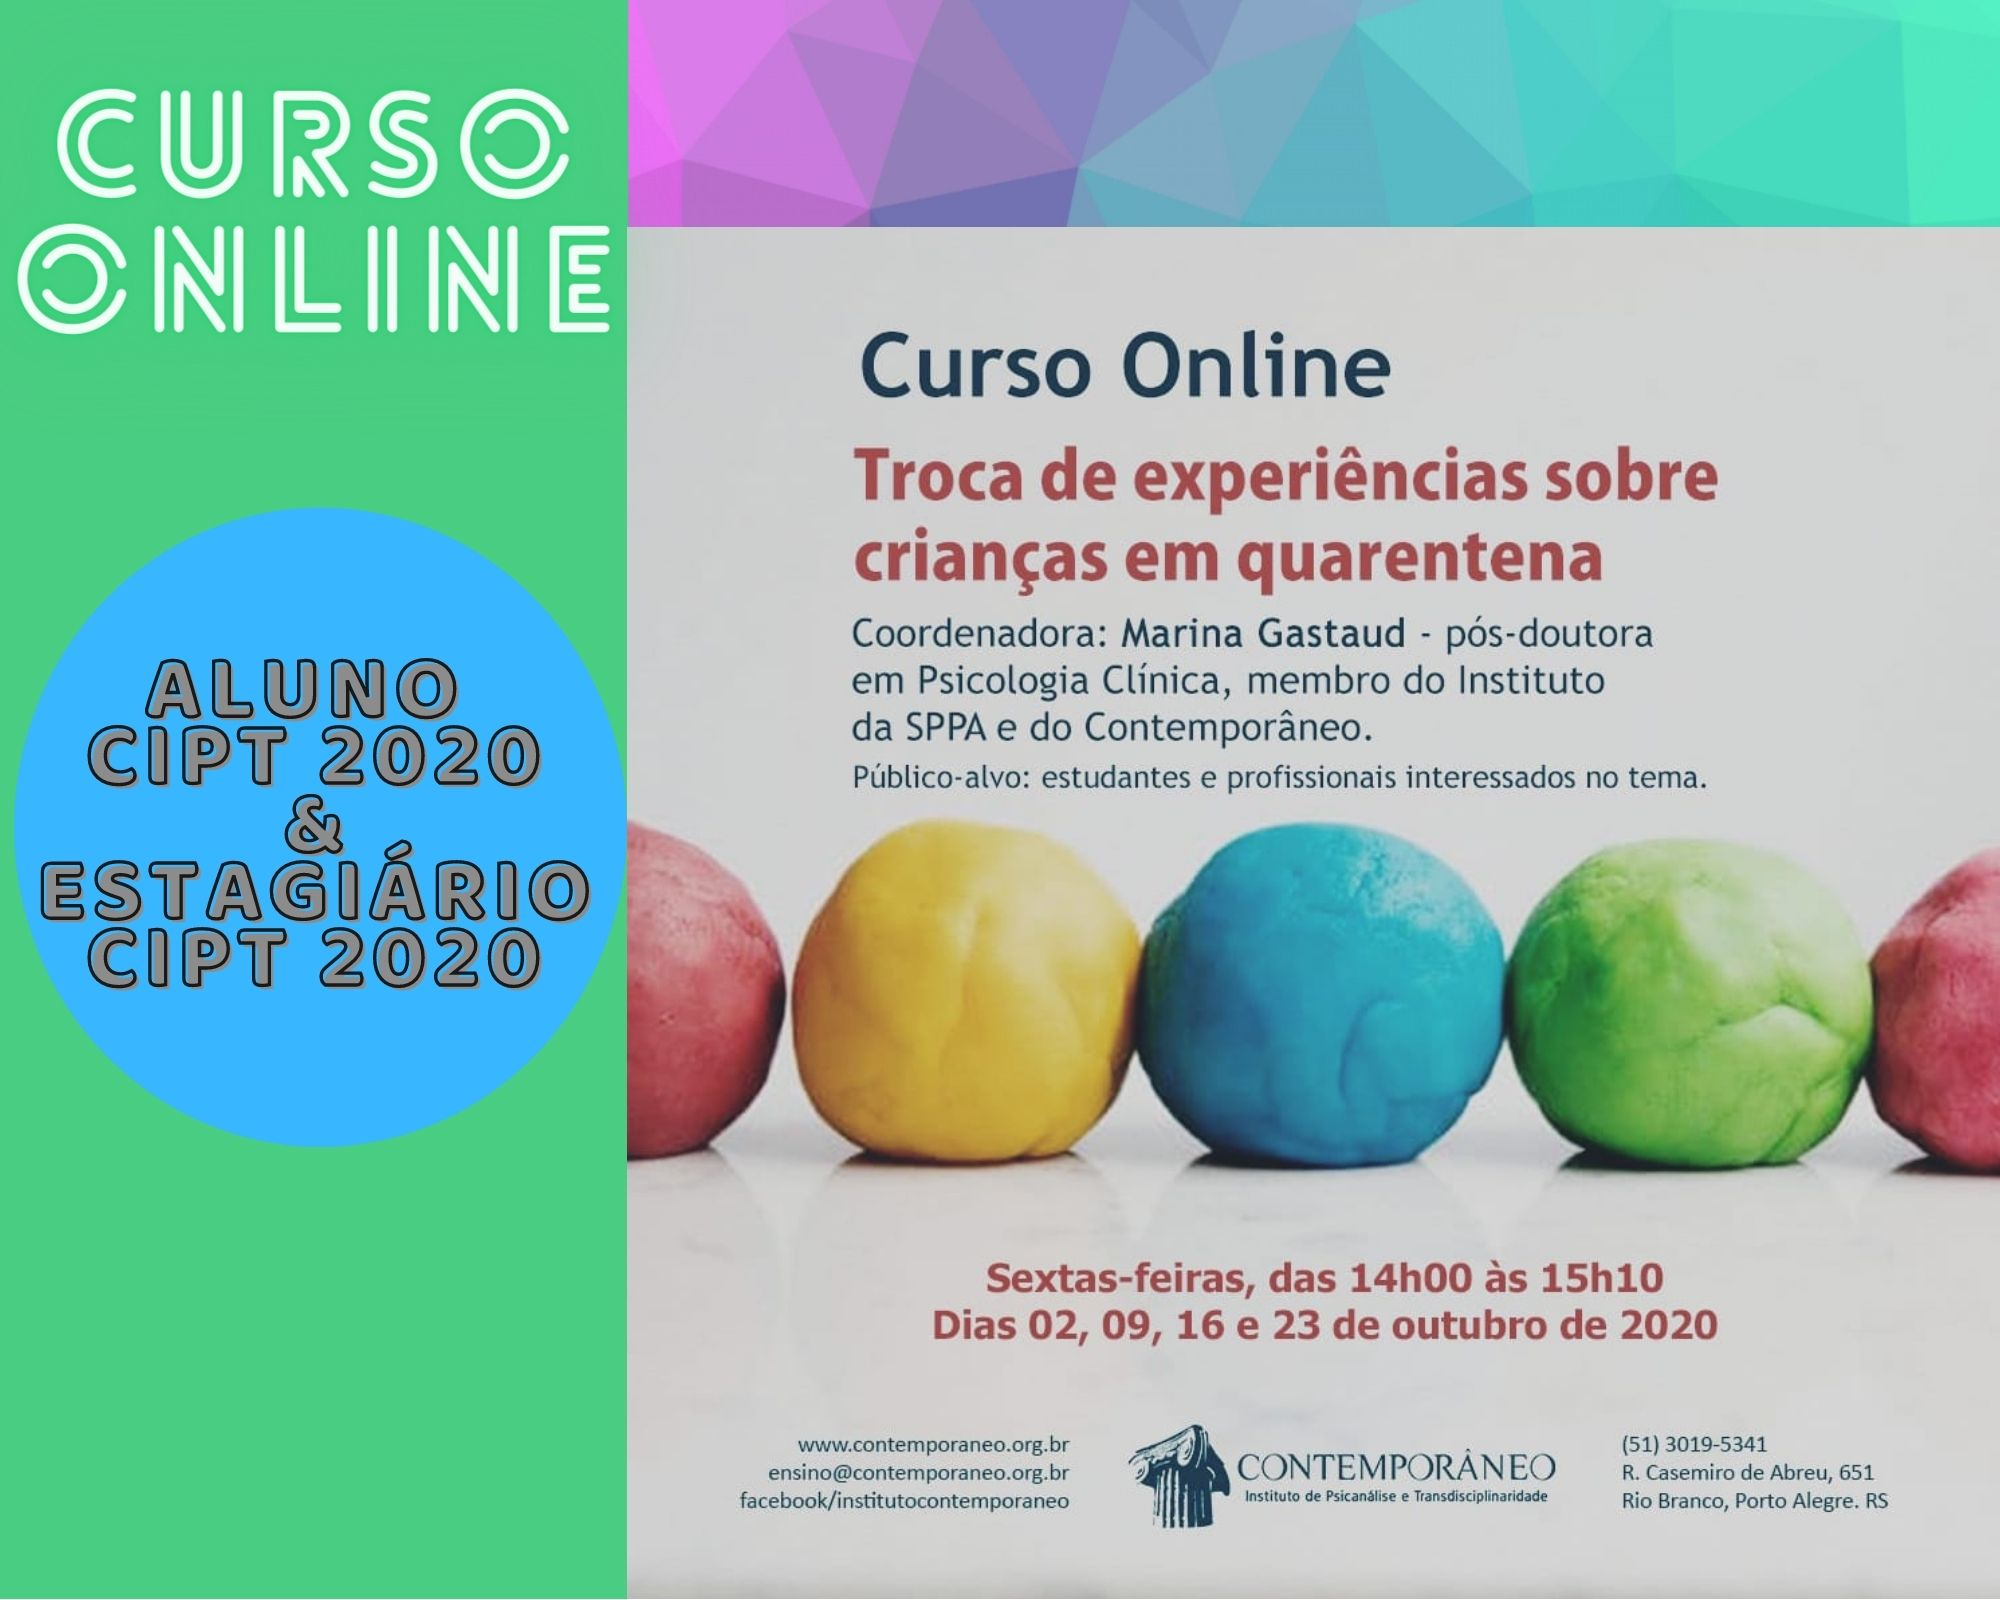 Curso para Troca de experiências sobre crianças em quarentena (para leigos) – Alunos CIPT 2020 / Estagiários CIPT 2020